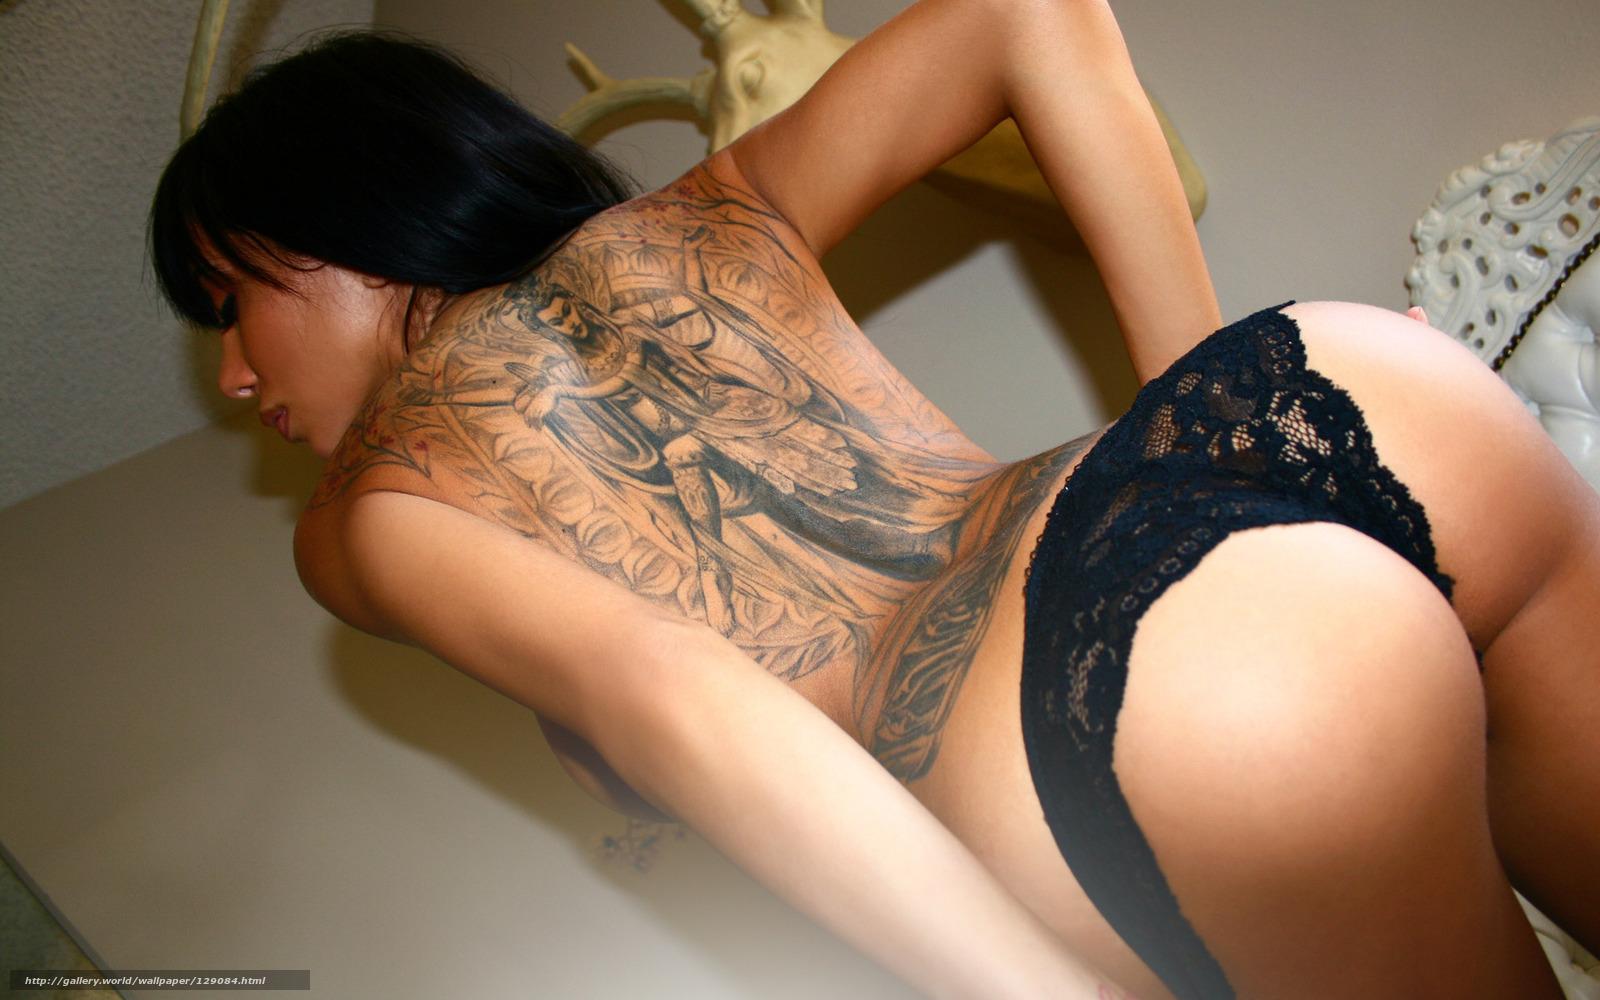 Татуировки в трусах фото 6 фотография